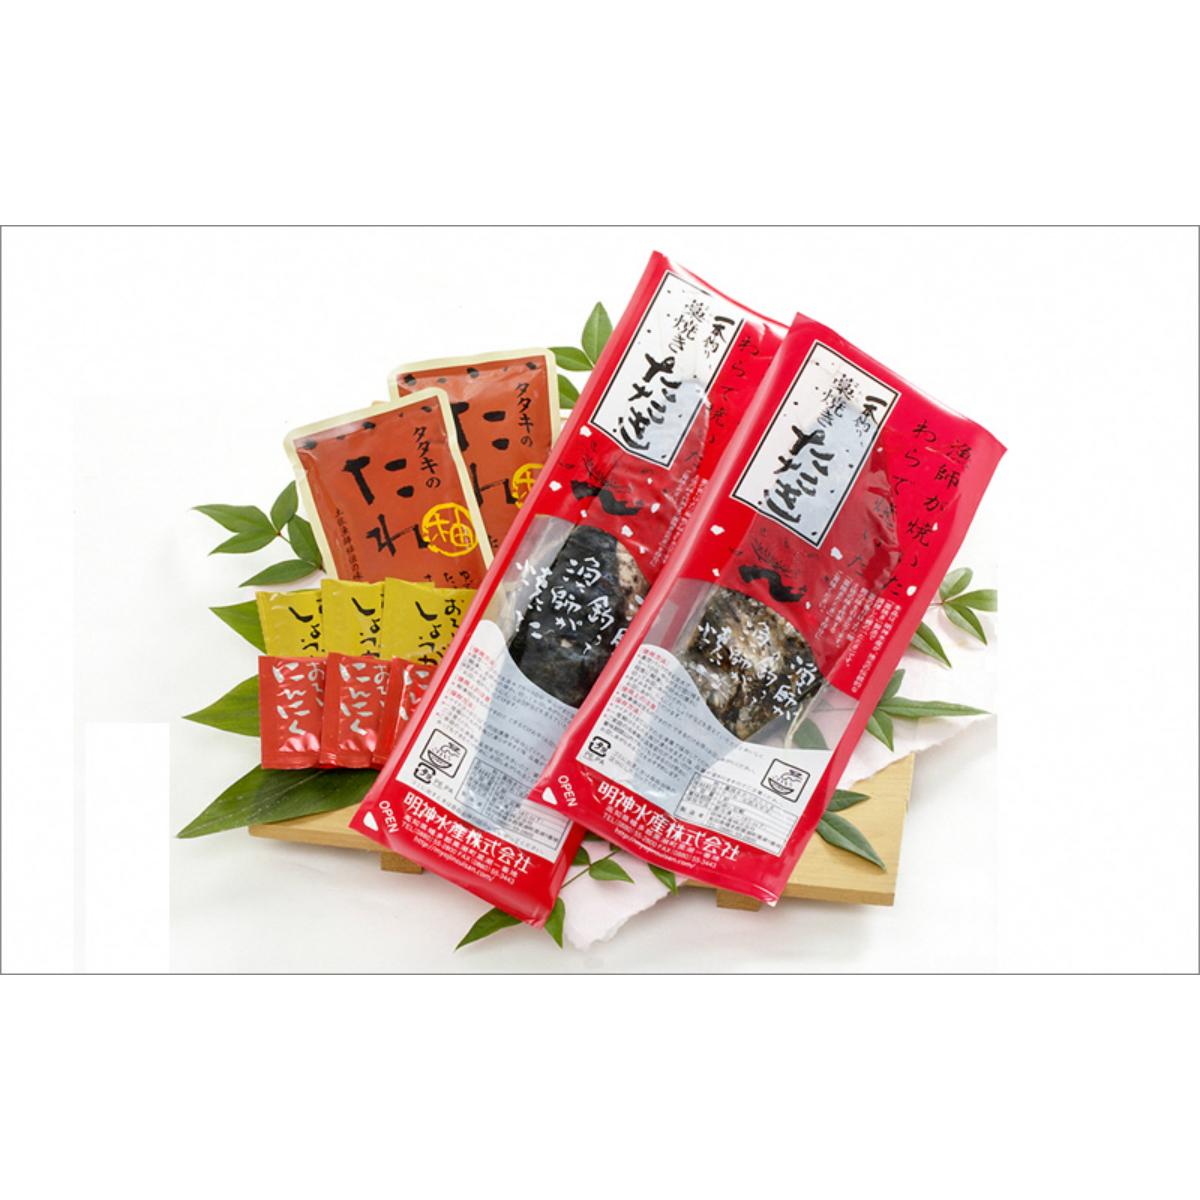 【ふるさと納税】明神水産 藁焼き鰹たたき2節セット(黒潮町) 海産物